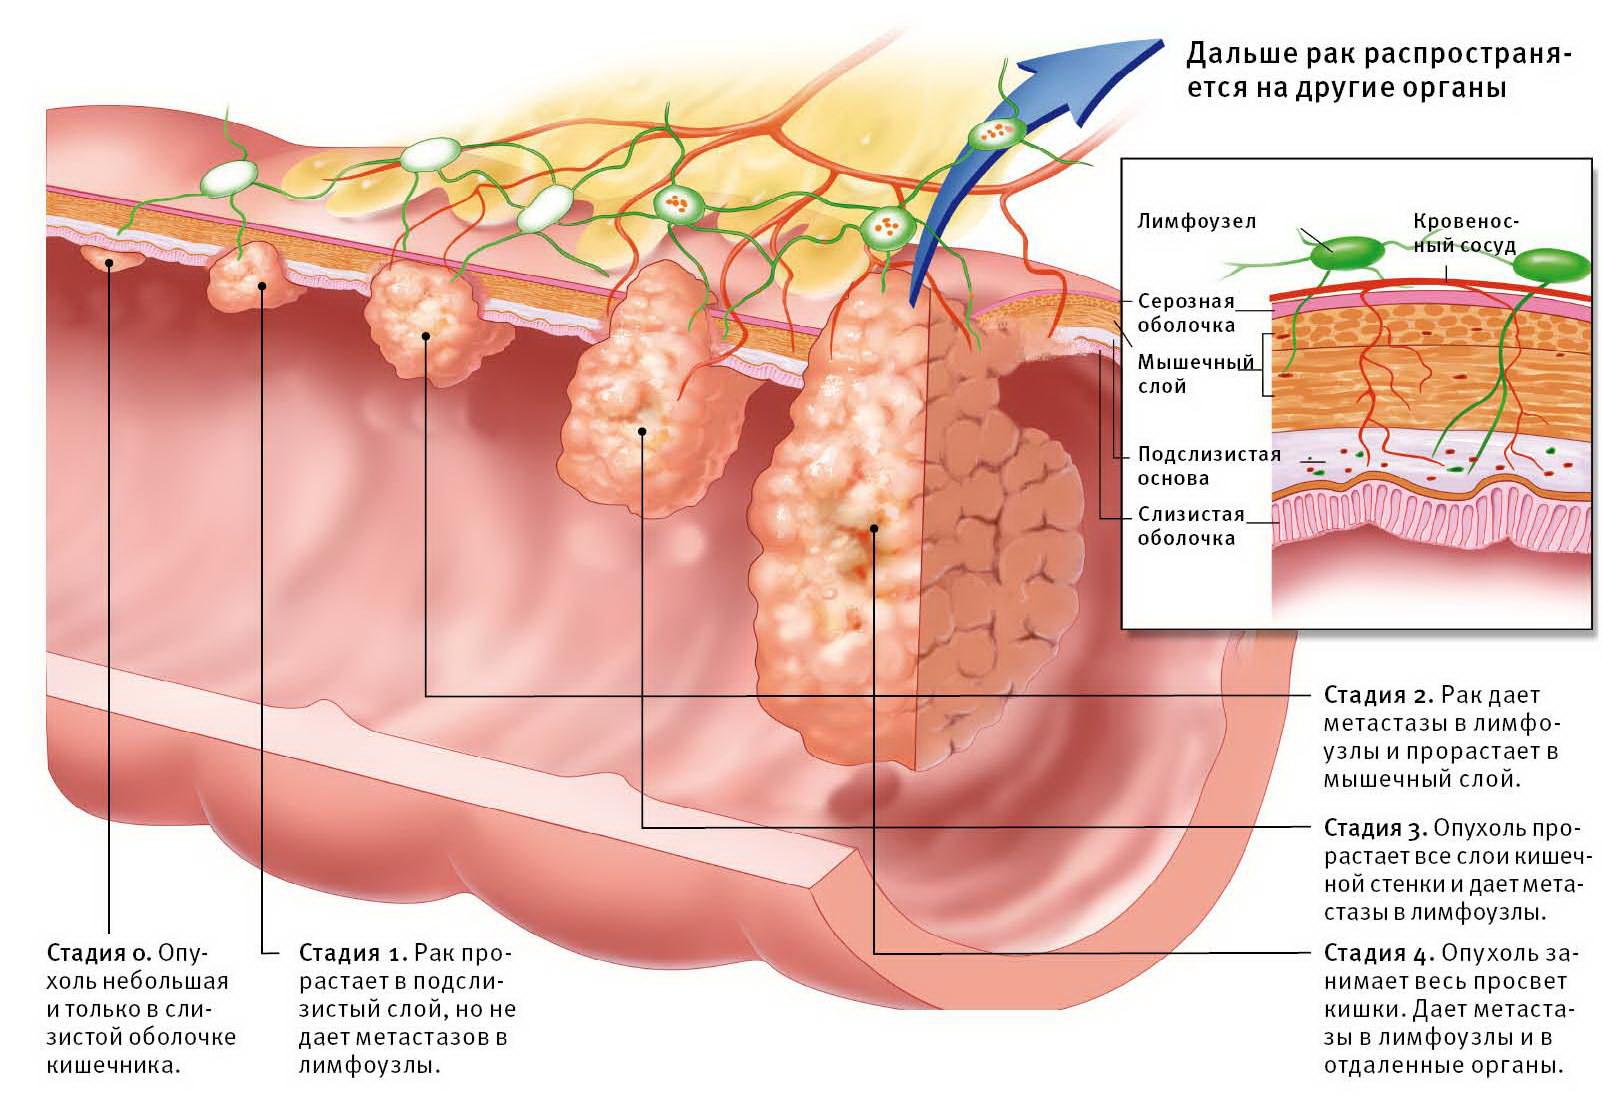 определение рака и его лечение